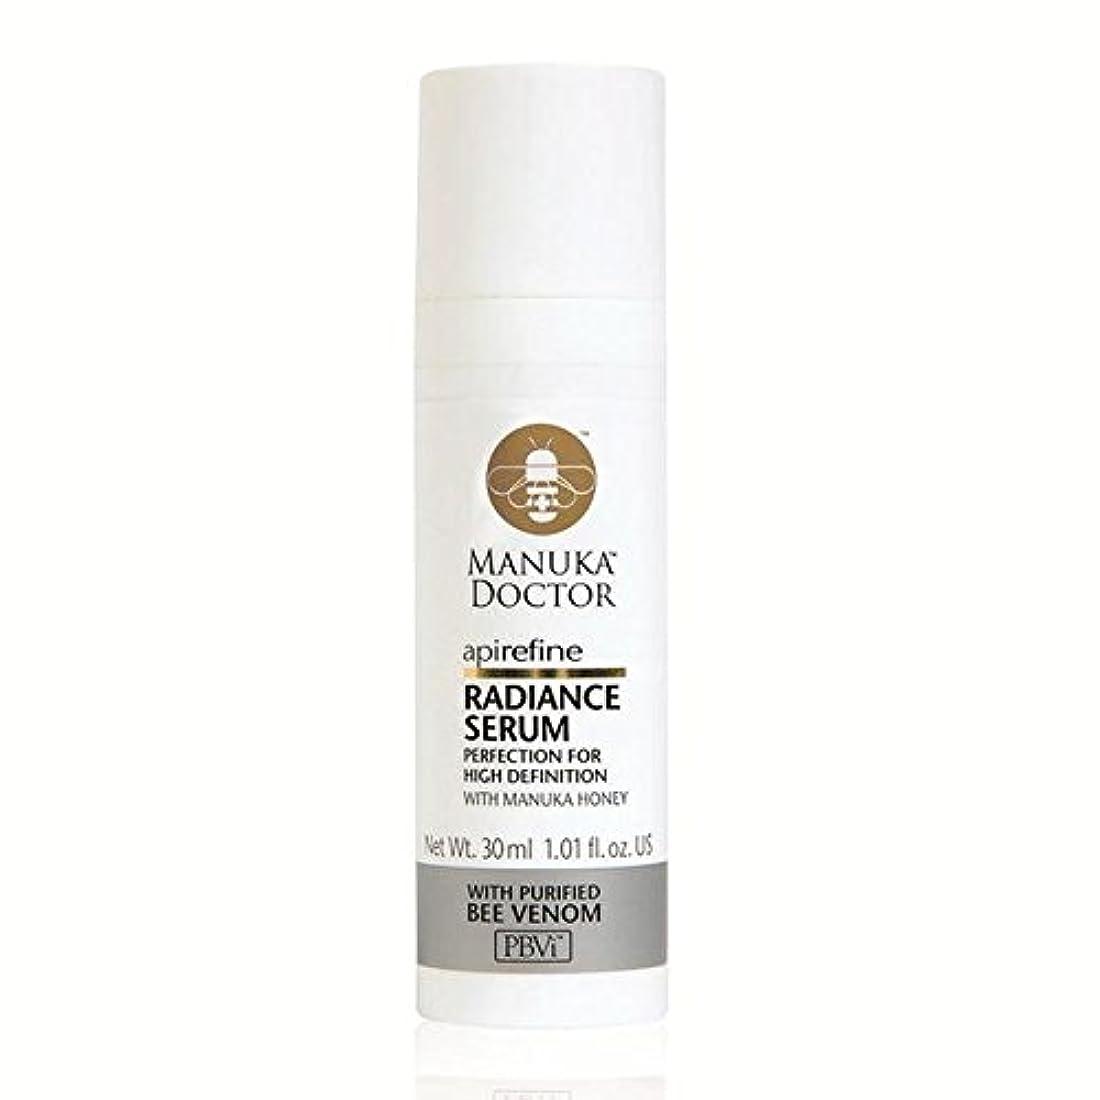 バット直接バンManuka Doctor Api Refine Radiance Serum 30ml (Pack of 6) - マヌカドクター絞り込み放射輝度セラム30 x6 [並行輸入品]